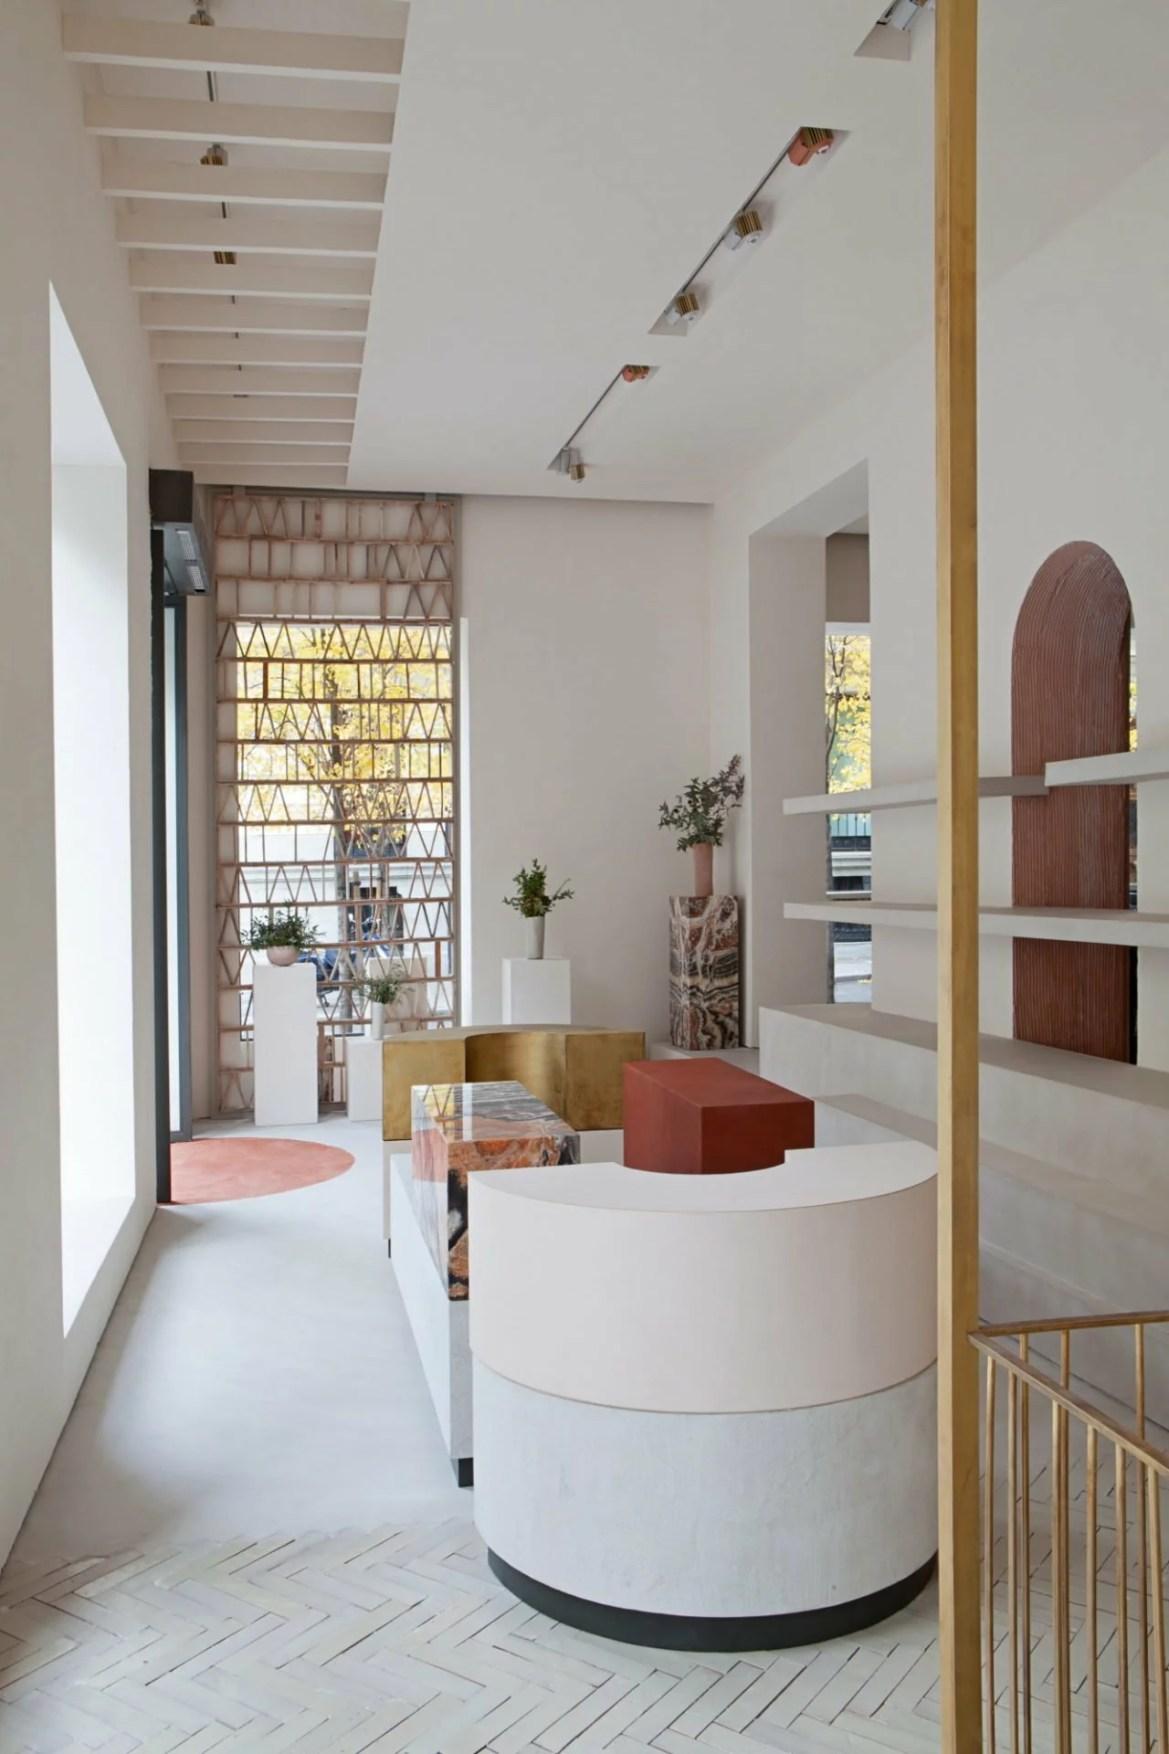 A Madrid, les fondateurs de la marque Malababa ont fait appel à Ciszak Dalmas et Matteo Ferrari pour créer une boutique au design durable.